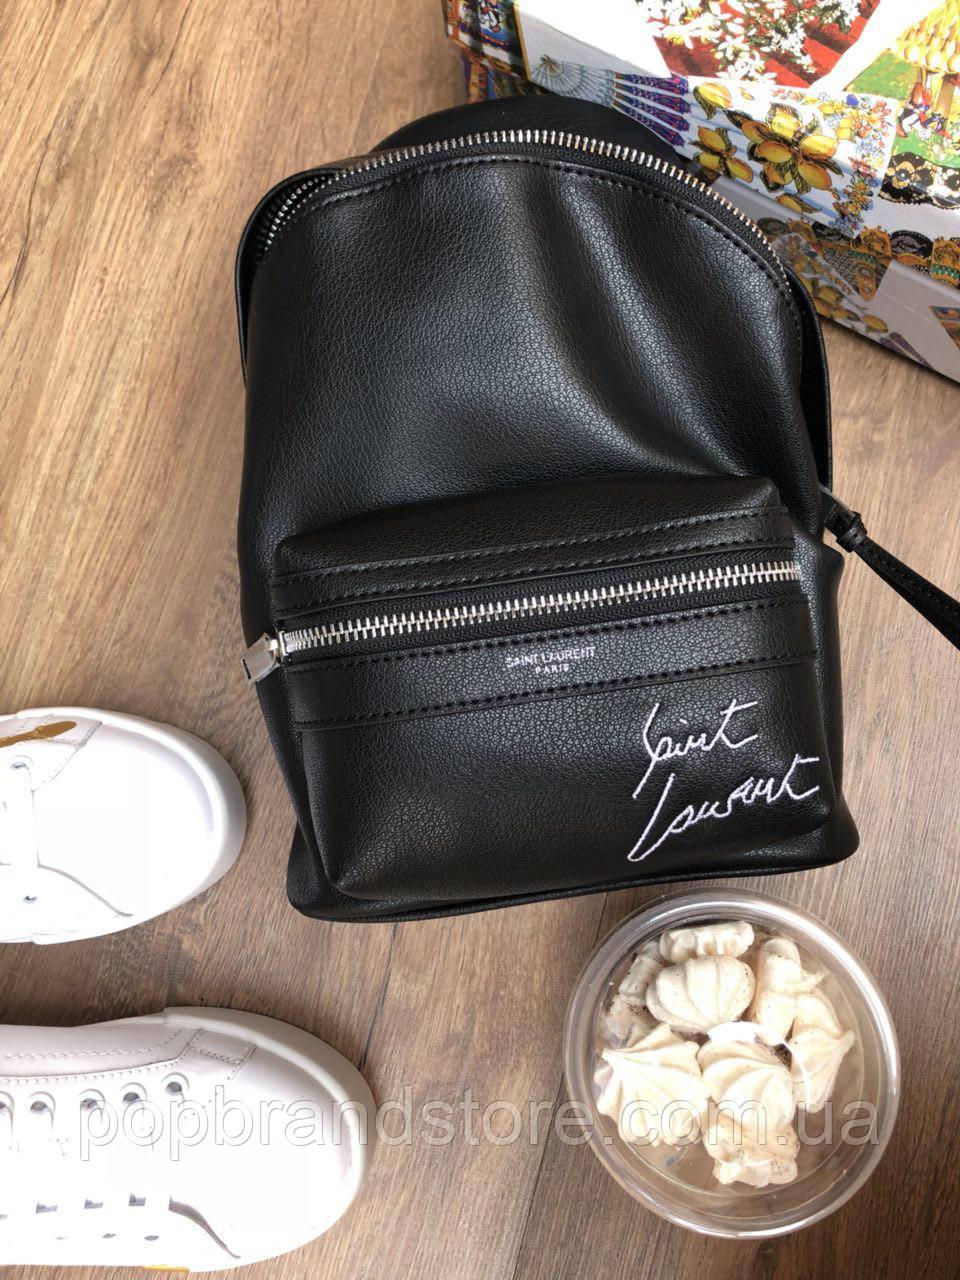 Женский кожаный рюкзак Saint Laurent (реплика)  продажа, цена в ... badf2a96ae8